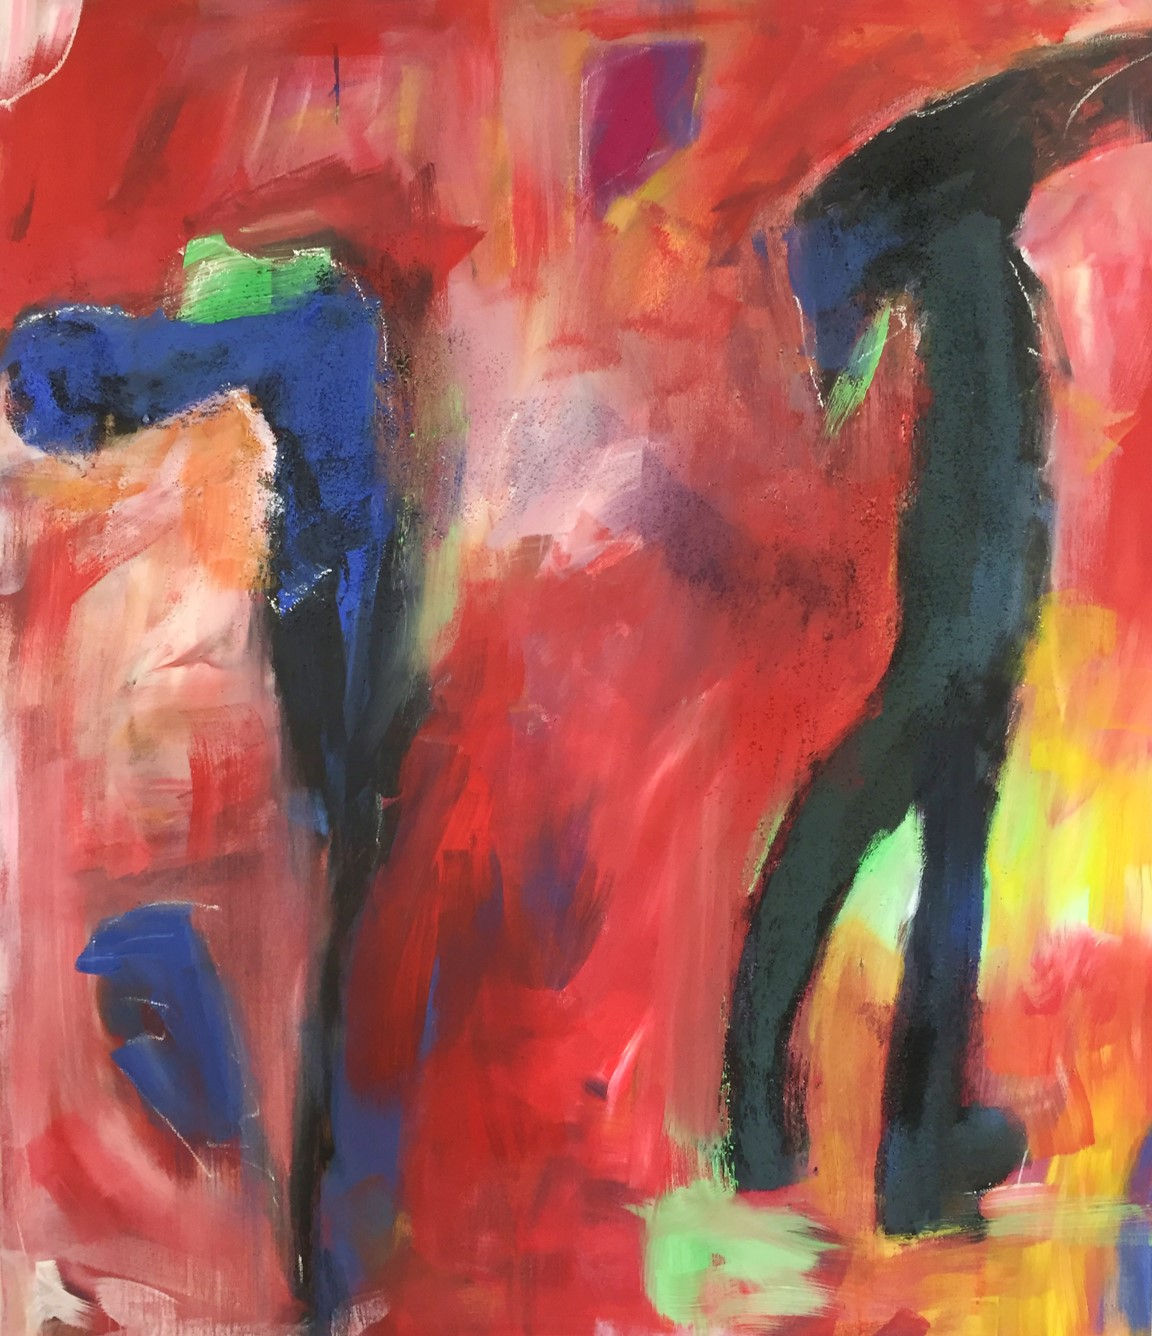 Tanz, Acryl auf Leinwand, 120x100cm